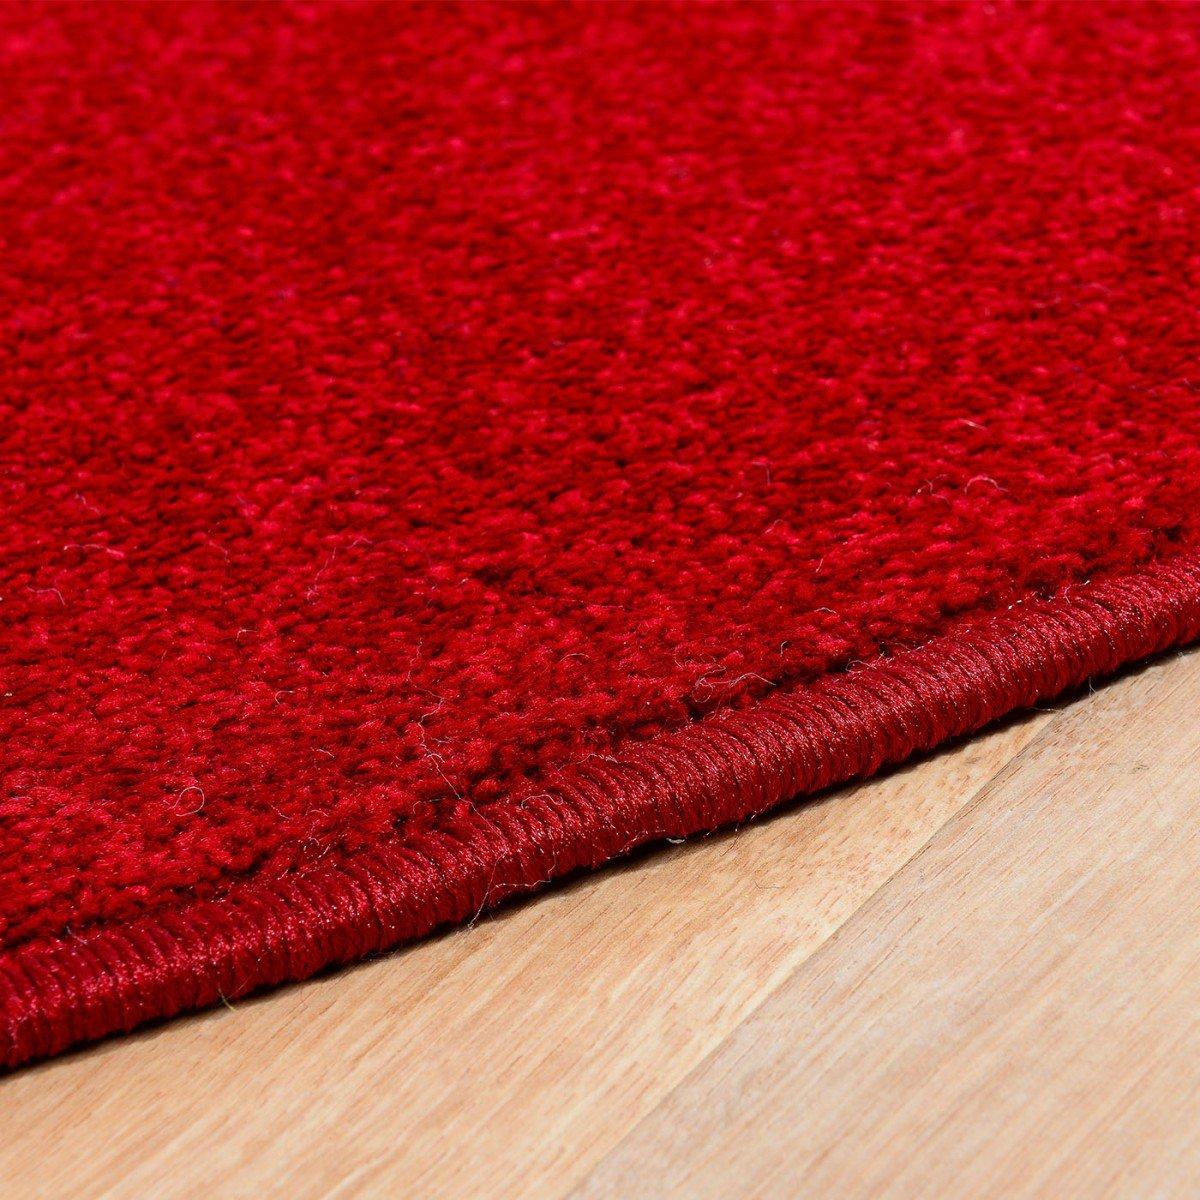 Havatex Teppich Kräusel Velour Burbon rund - - - 16 moderne sowie klassische Farben   schadstoffgeprüft pflegeleicht & robust   ideal für Wohnzimmer, Farbe Rot, Größe 180 cm rund B00FQ10IYQ Teppiche 361a55